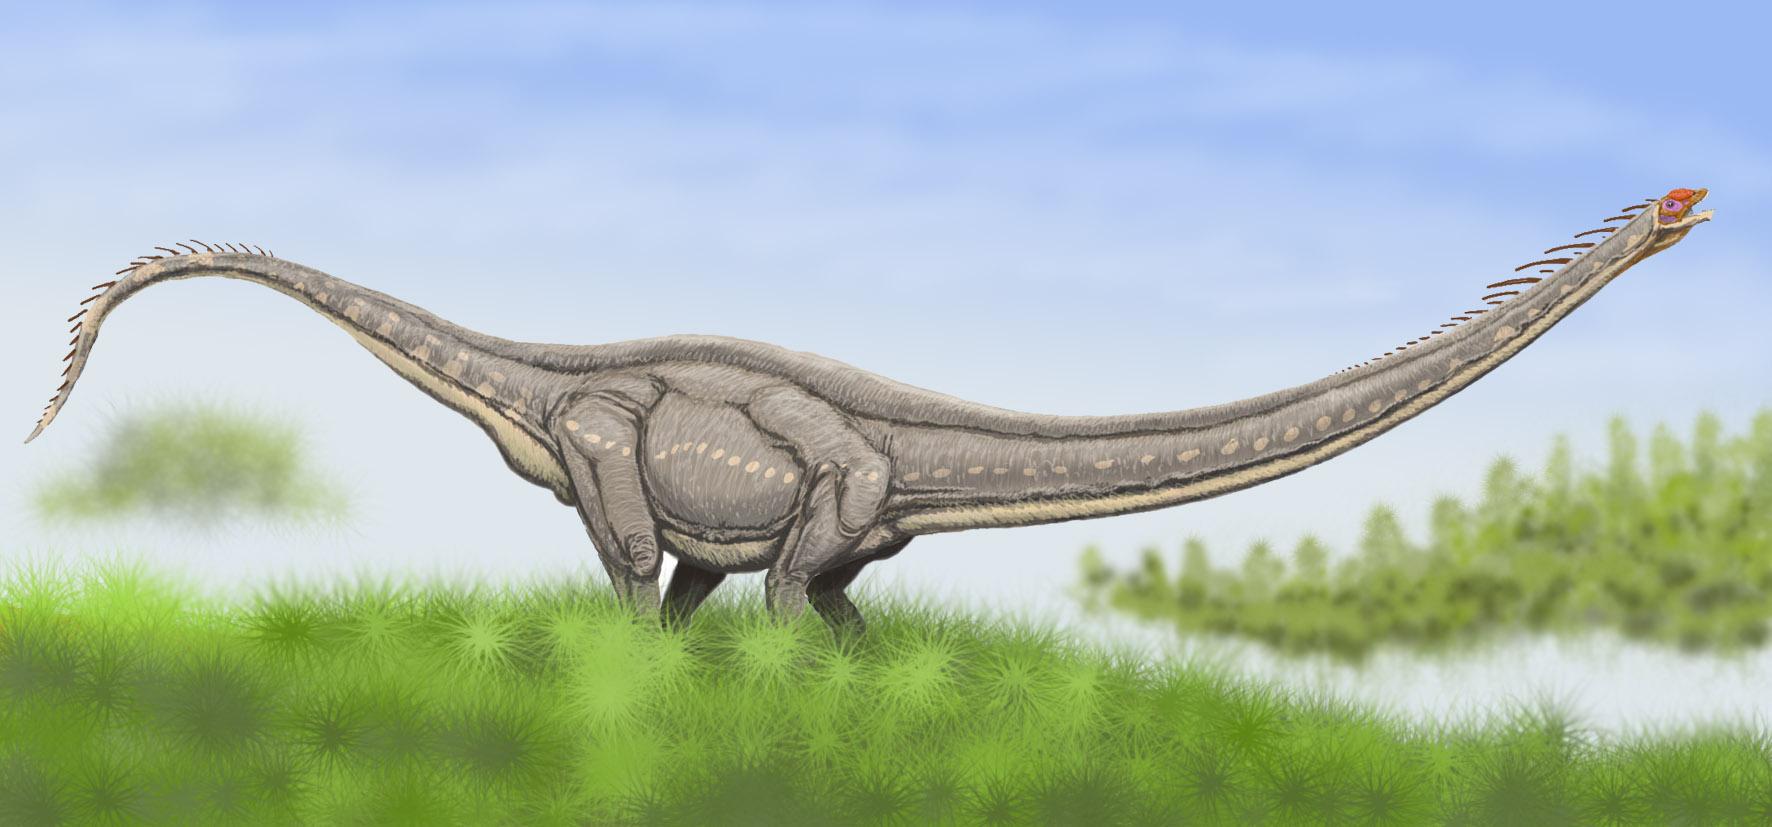 New find spotlights super-long-necked dinos